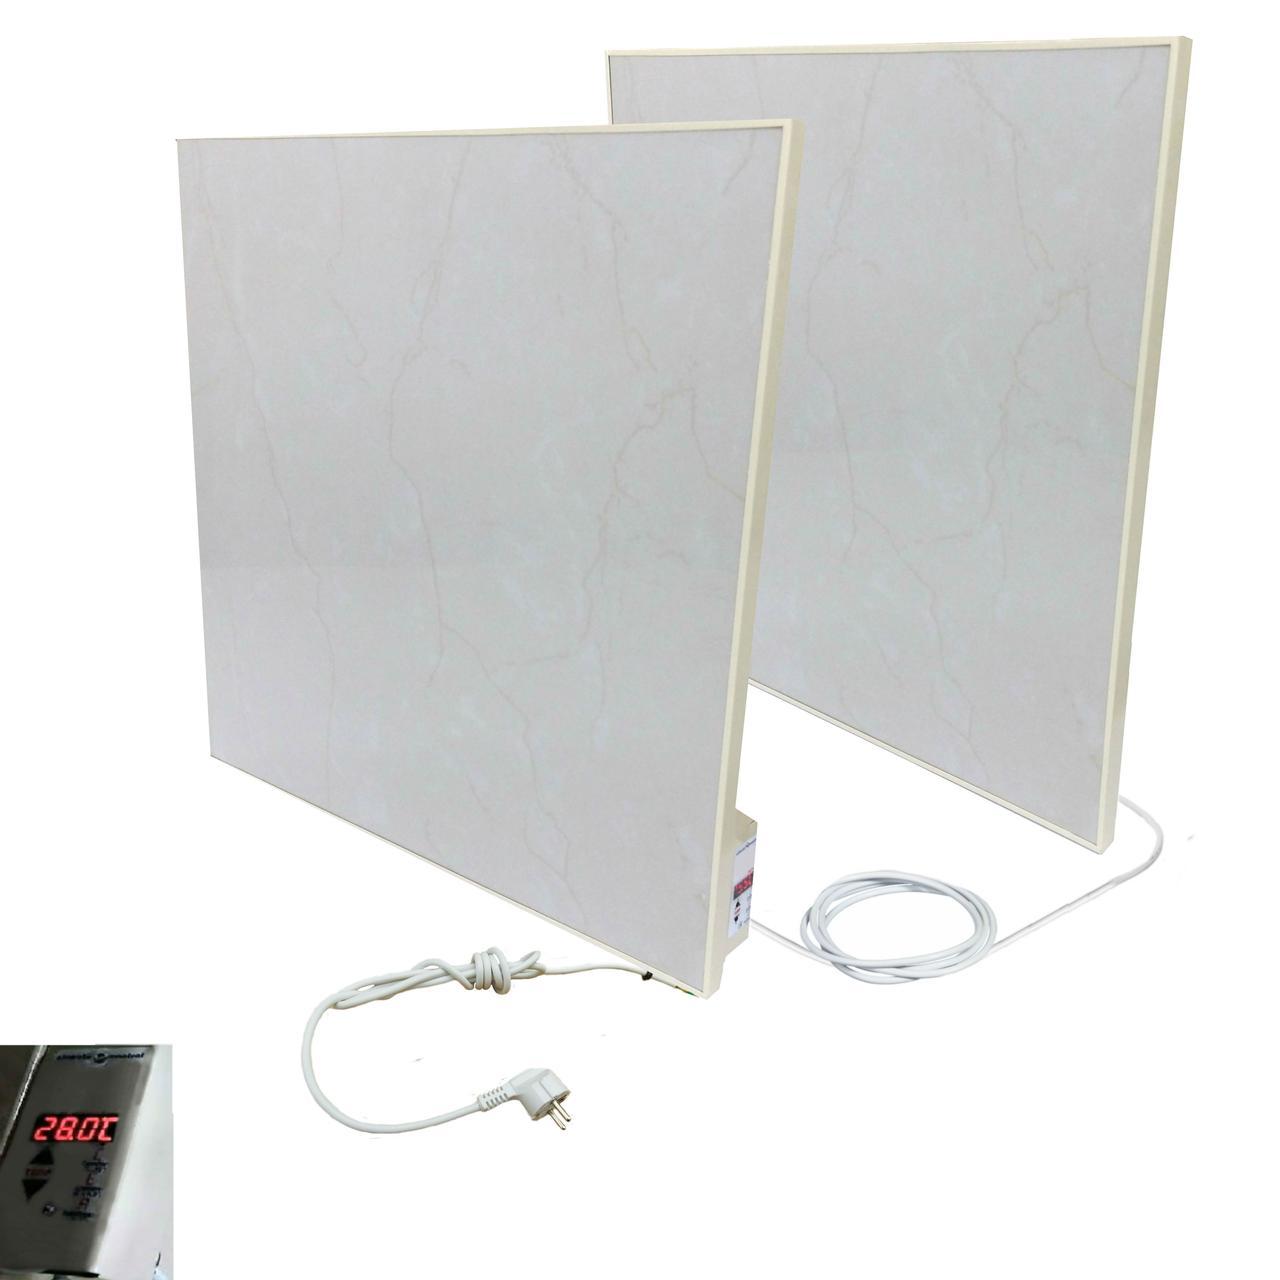 УКРОП Керамик 1400ВТ керамический обогреватель с терморегулятором (комплект)